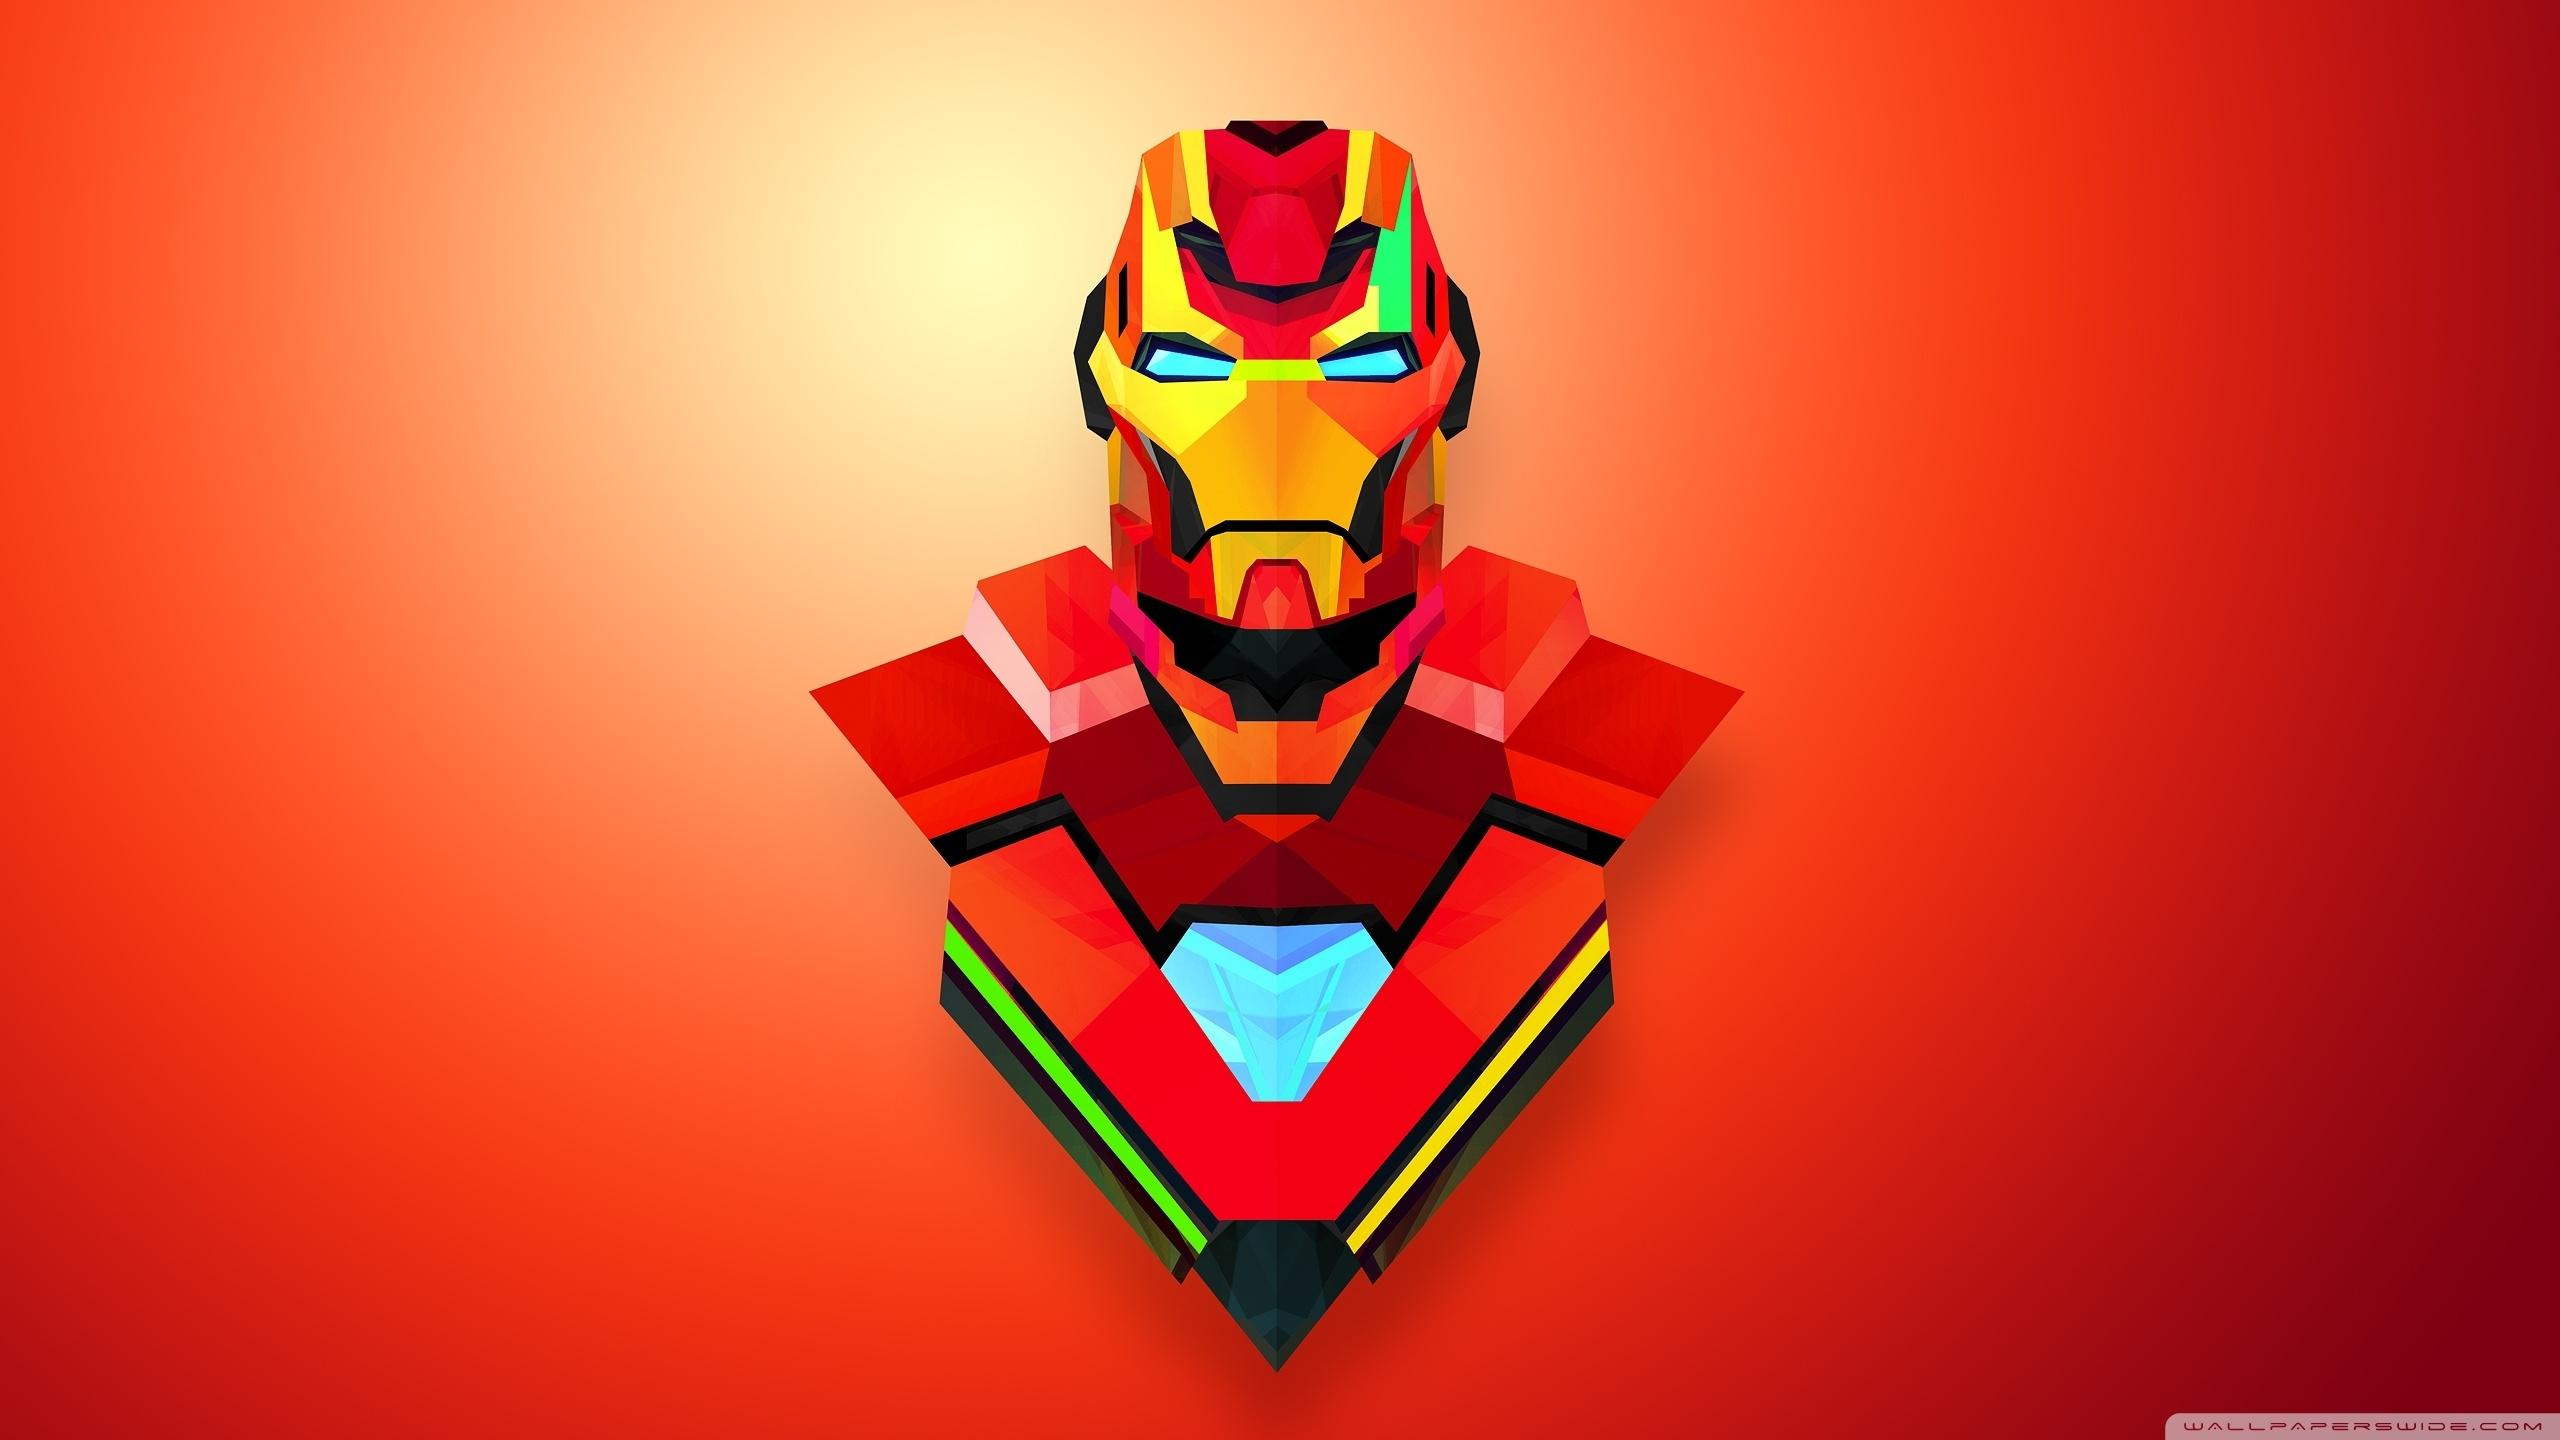 iron man abstract art ❤ 4k hd desktop wallpaper for • wide & ultra